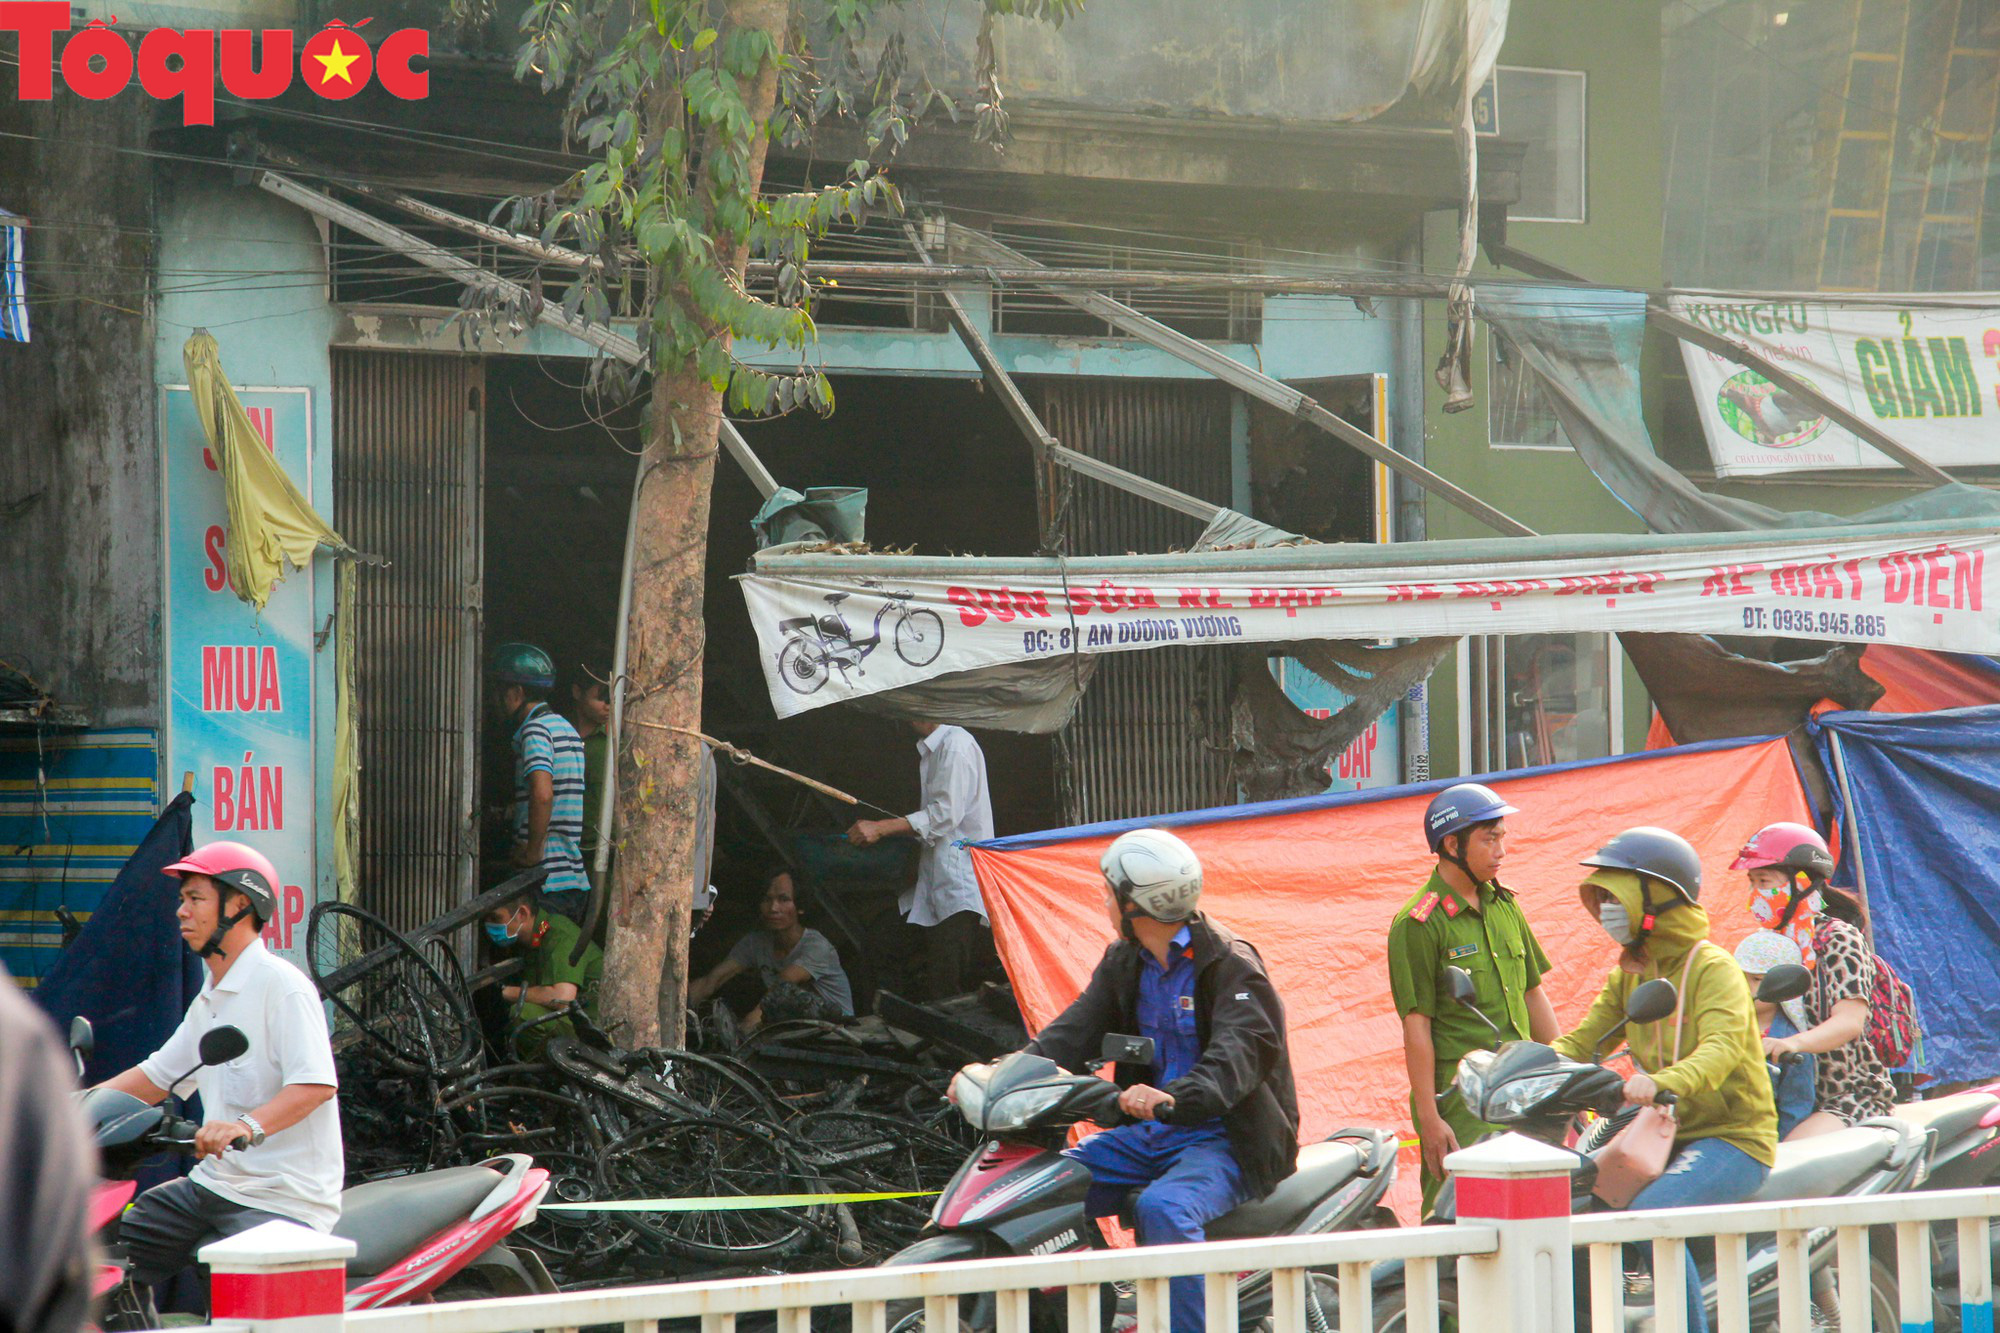 Hình ảnh hiện trường vụ hỏa hoạn khiến 3 người trong một gia đình tử vong thương tâm - Ảnh 2.